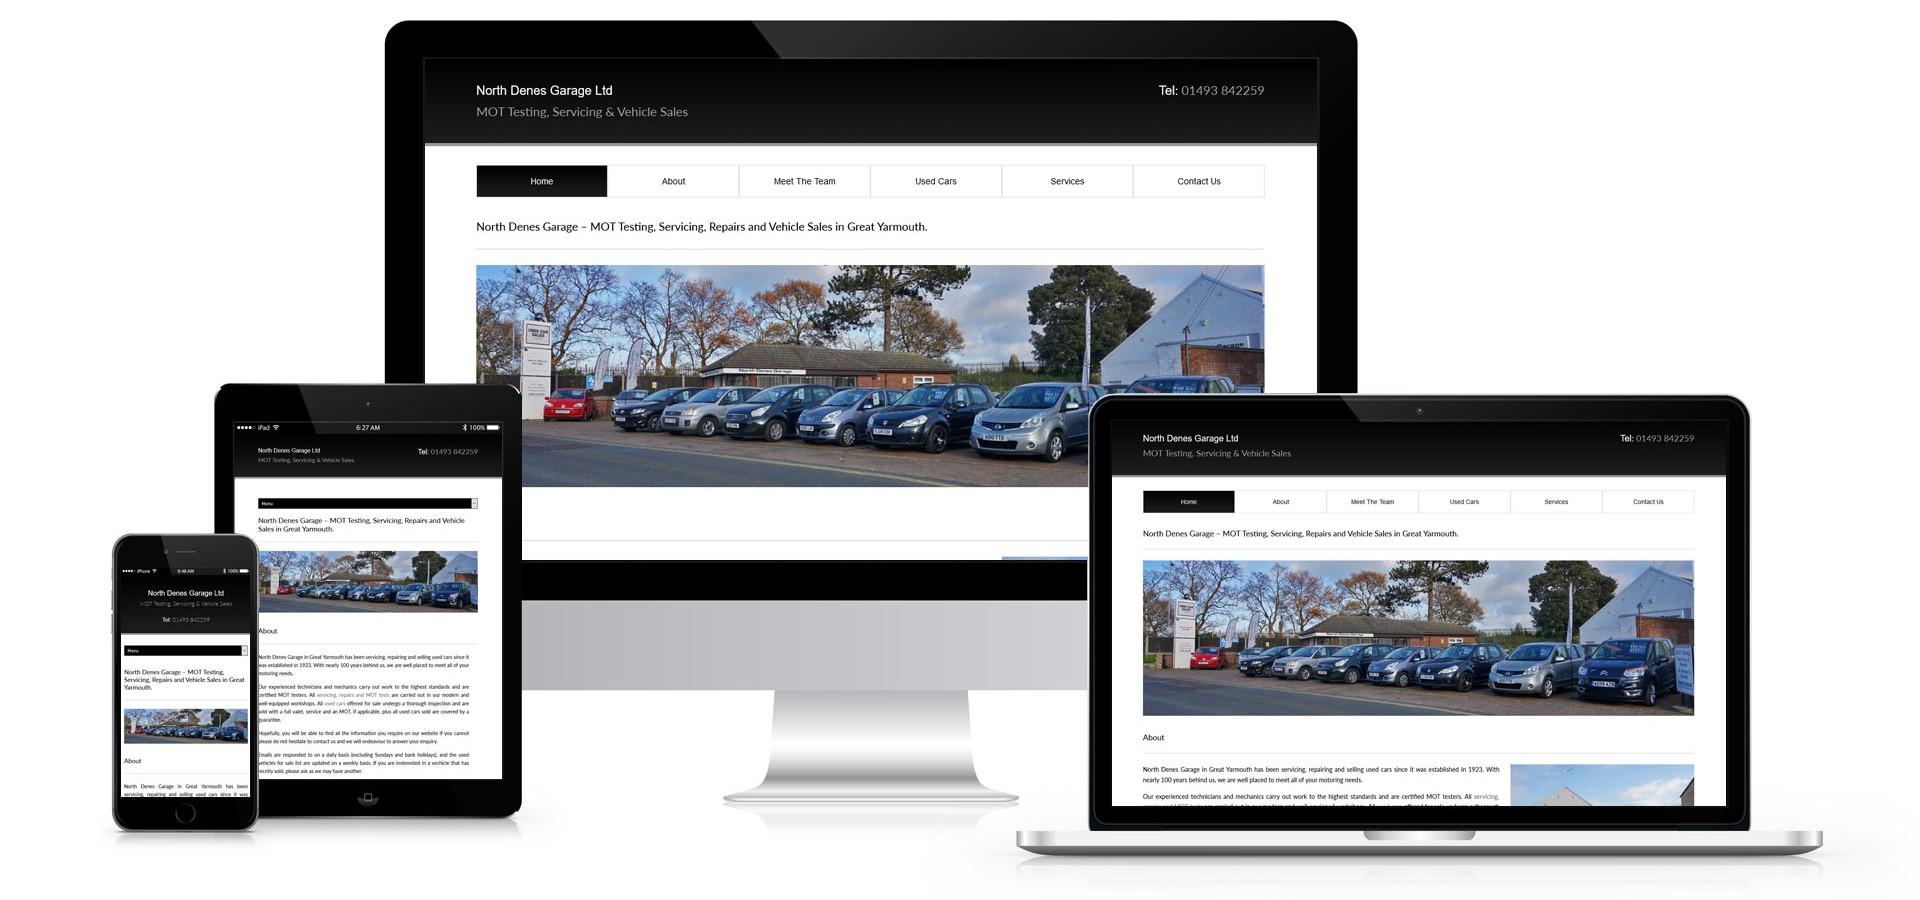 North Denes Garage - Website Design